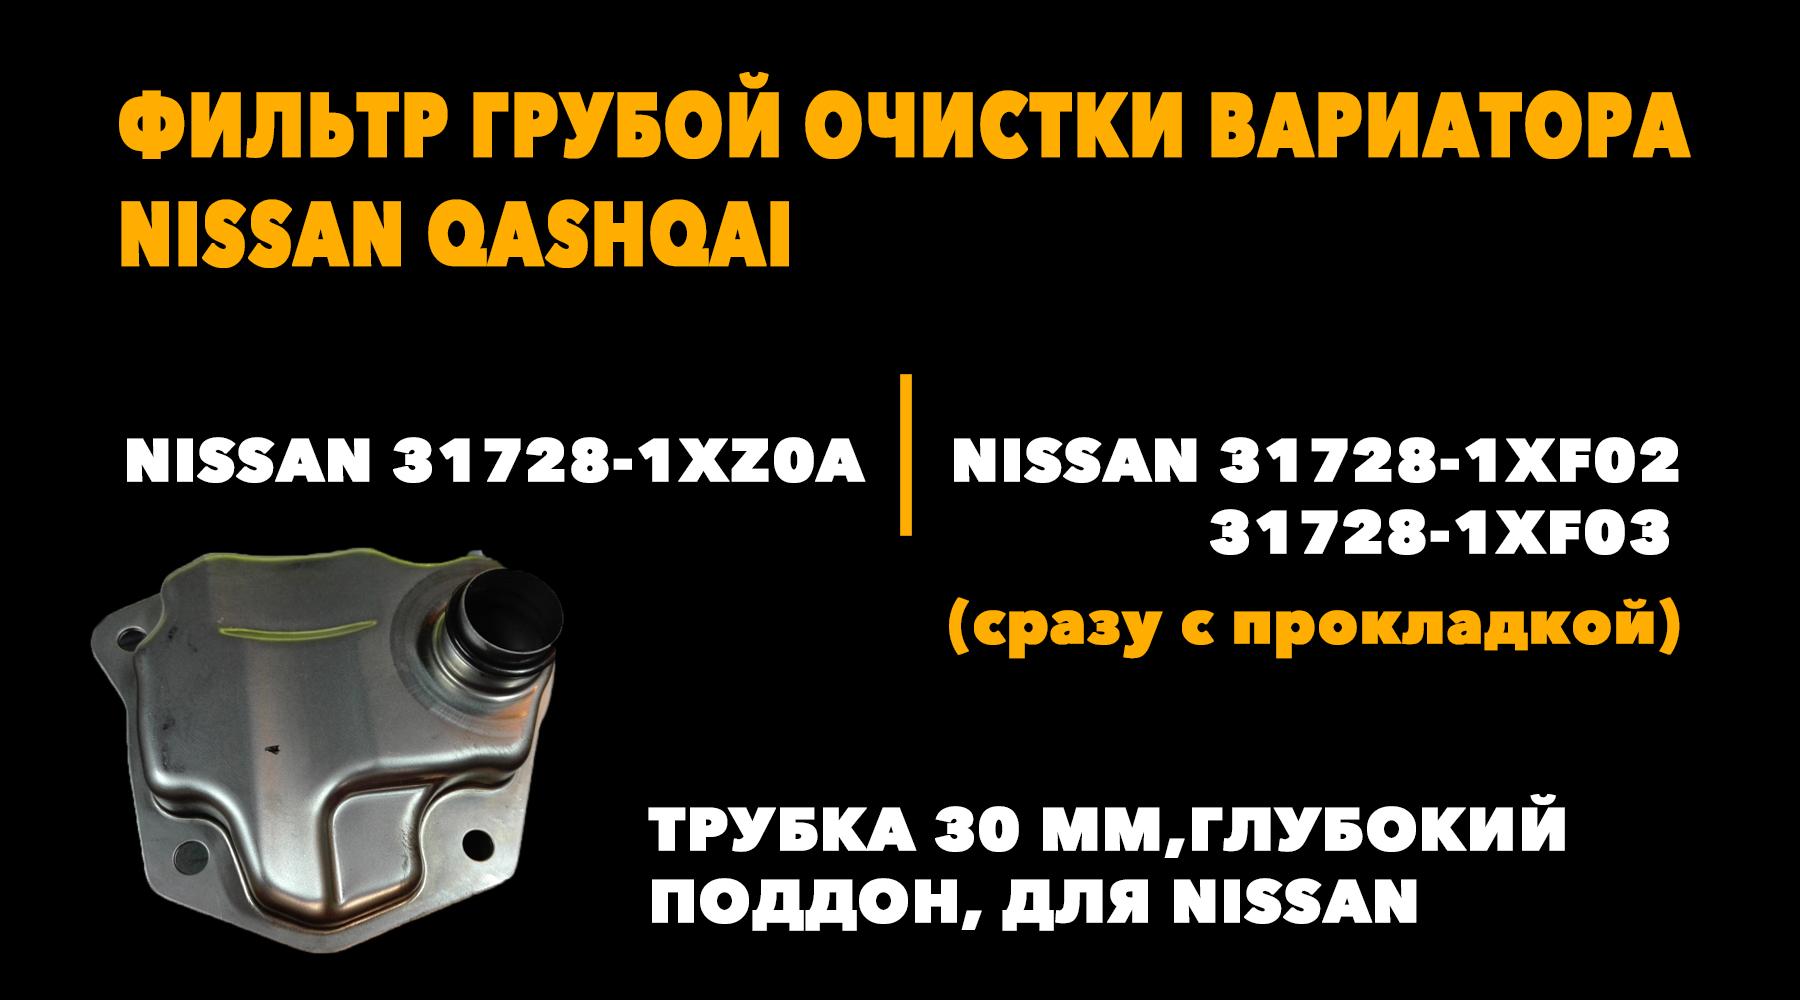 Процесс замены ATF в Nissan Qashqai